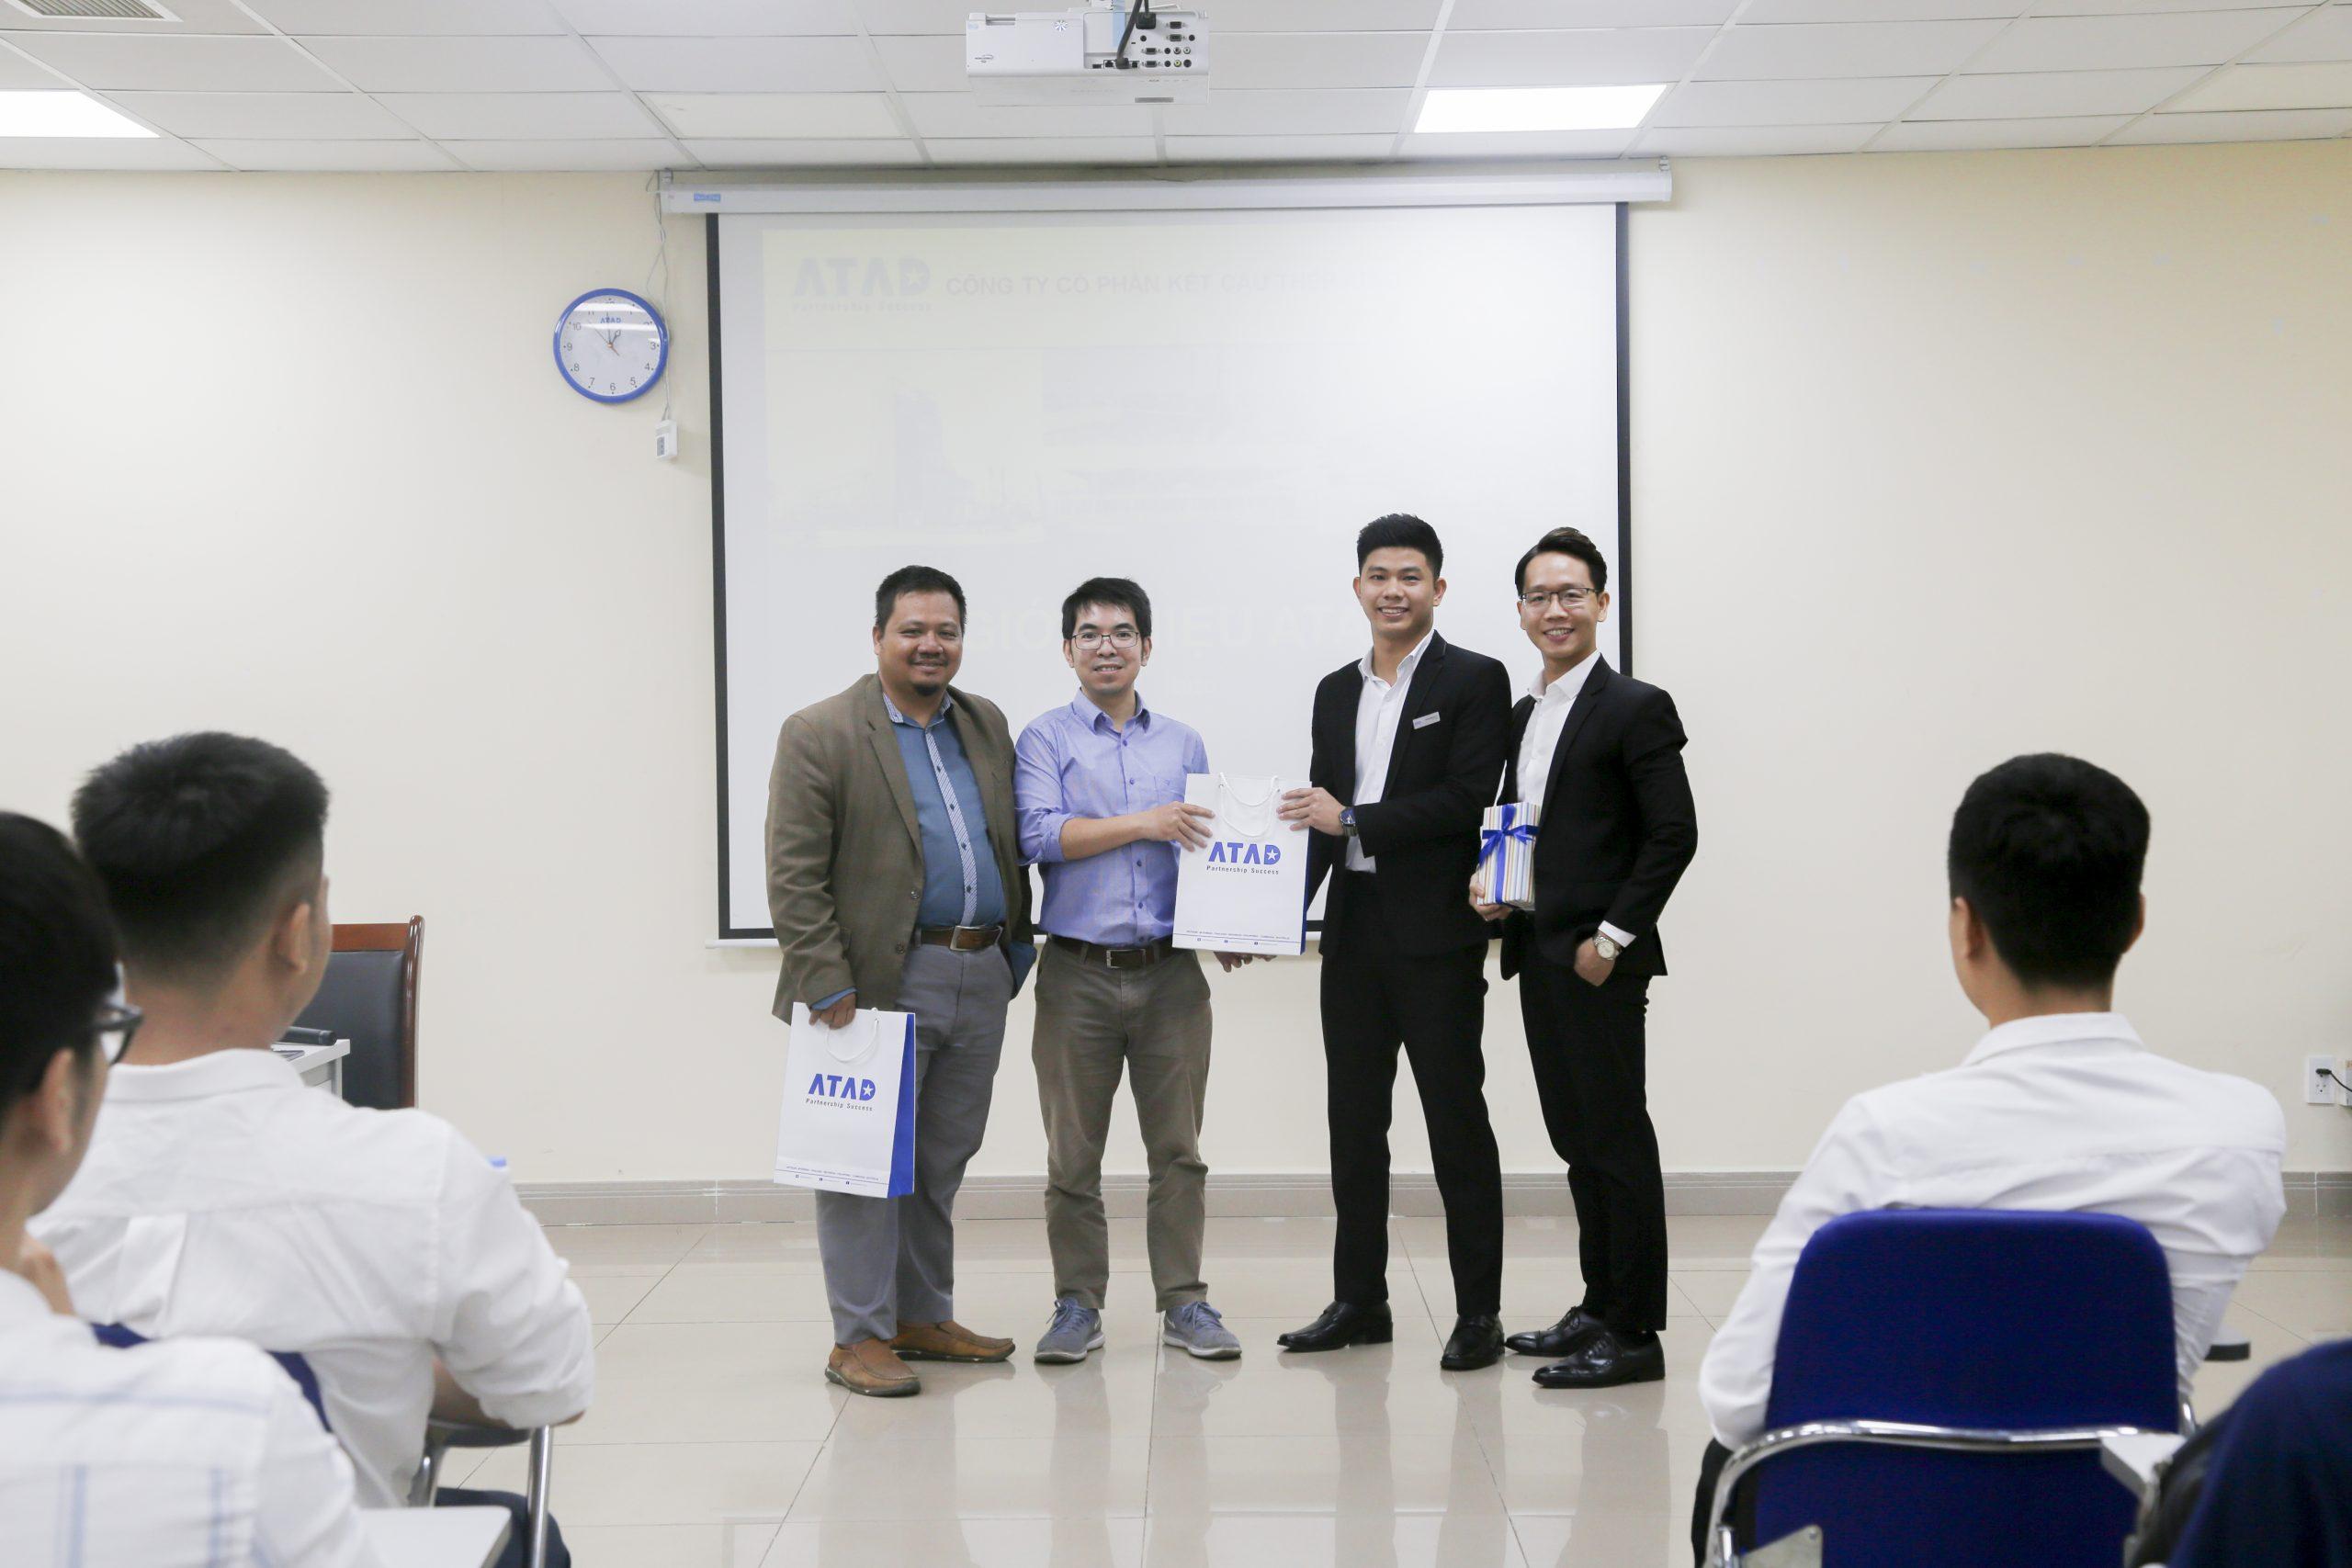 Đoàn sinh viên Đại học Bách Khoa TP. HCM tham quan trải nghiệm thực tế tại nhà máy ATAD Đồng Nai 3